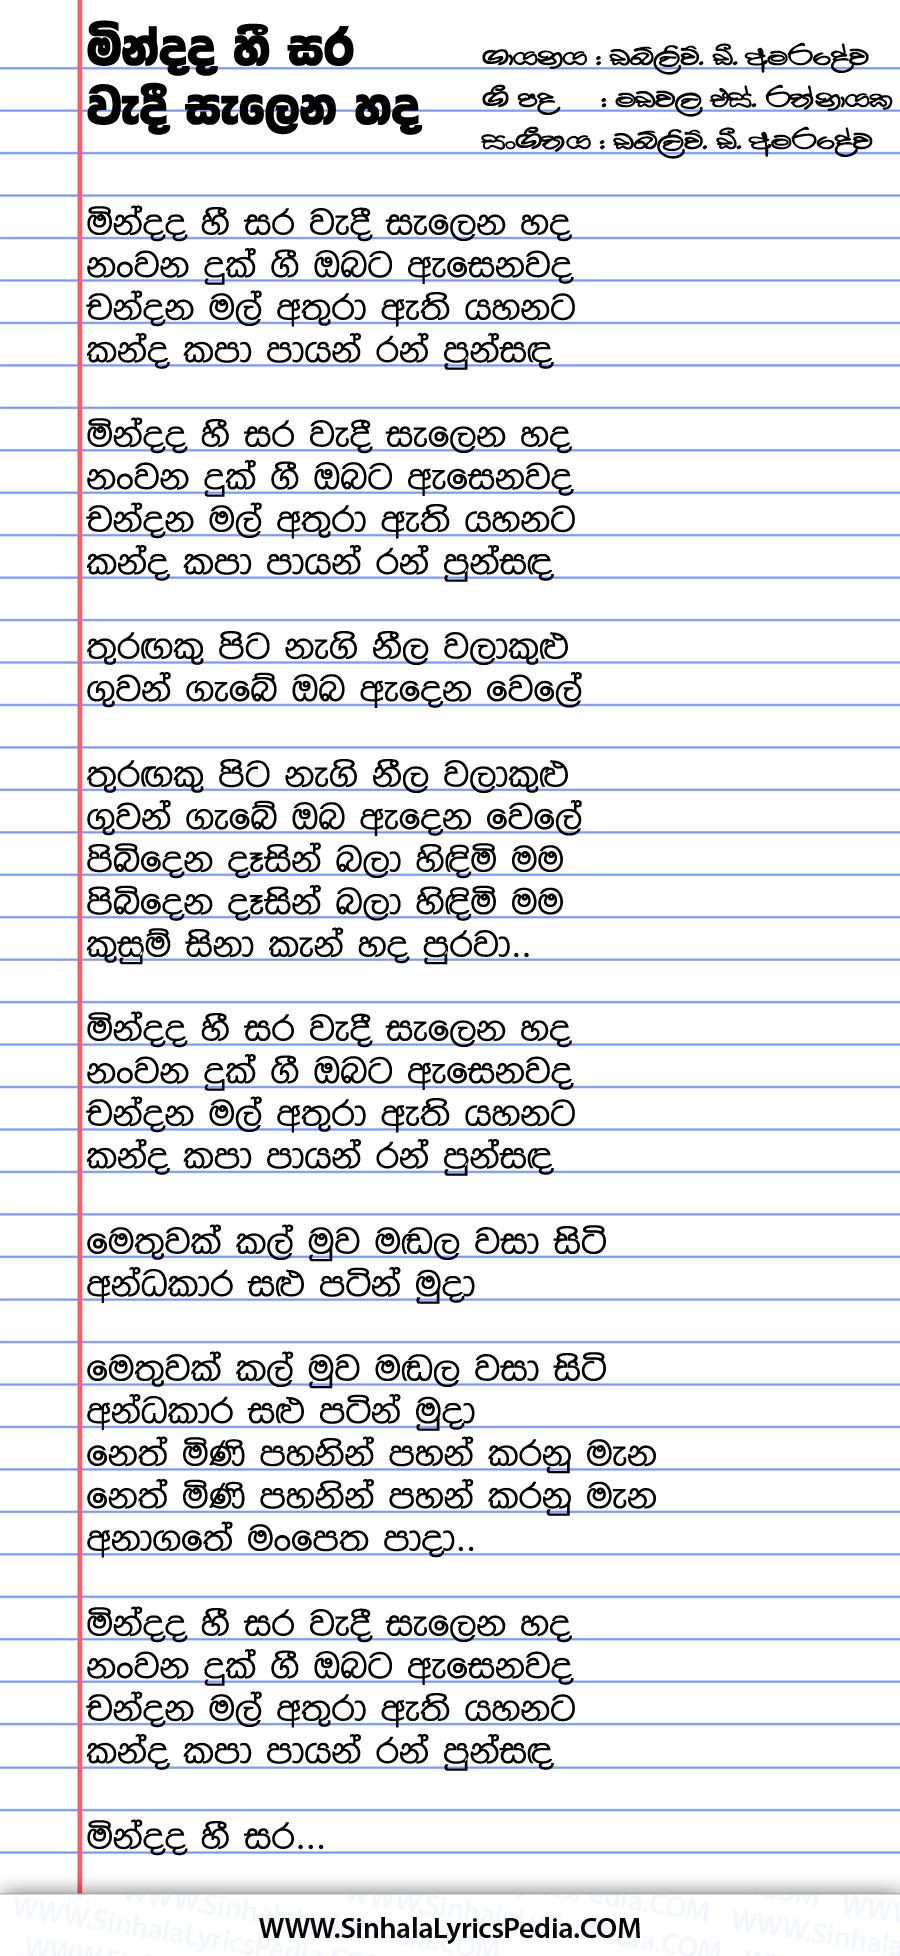 Mindada Hee Sara Wadii Salena Hada Song Lyrics